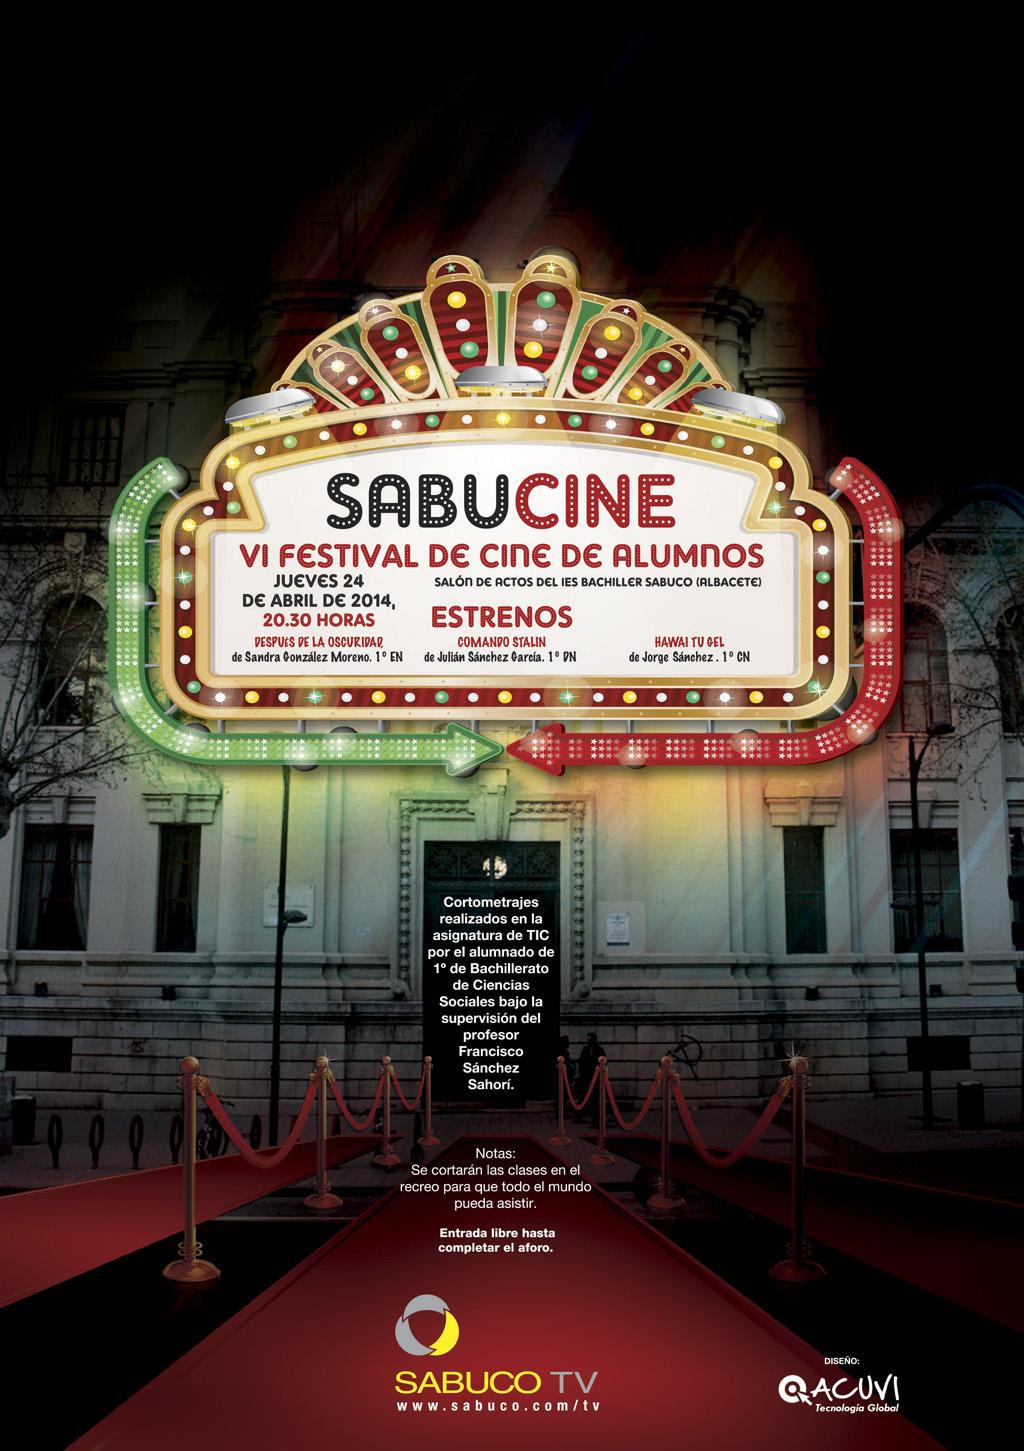 Cartel oficial del VI Sabucine